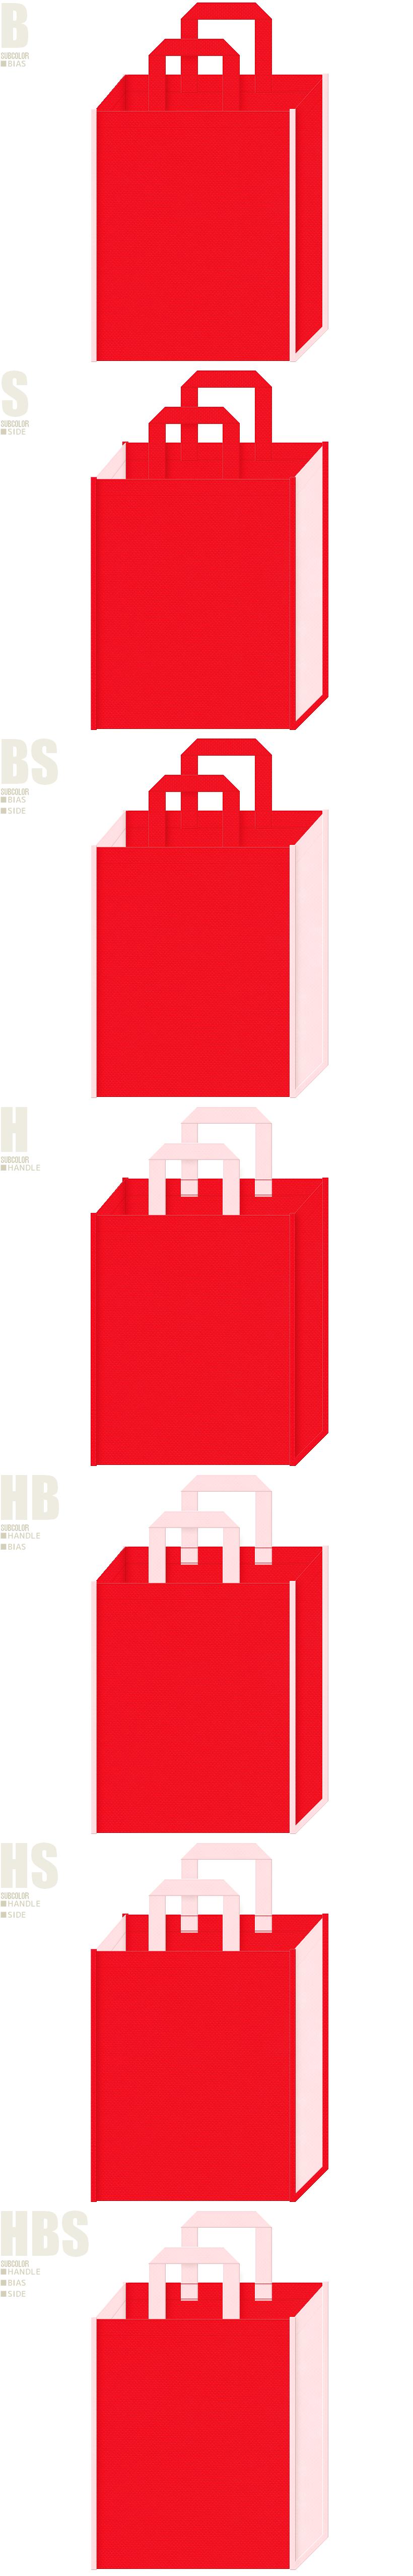 赤色と桜色、7パターンの不織布トートバッグ配色デザイン例。ひな祭り・母の日ギフトのショッピングバッグにお奨めです。